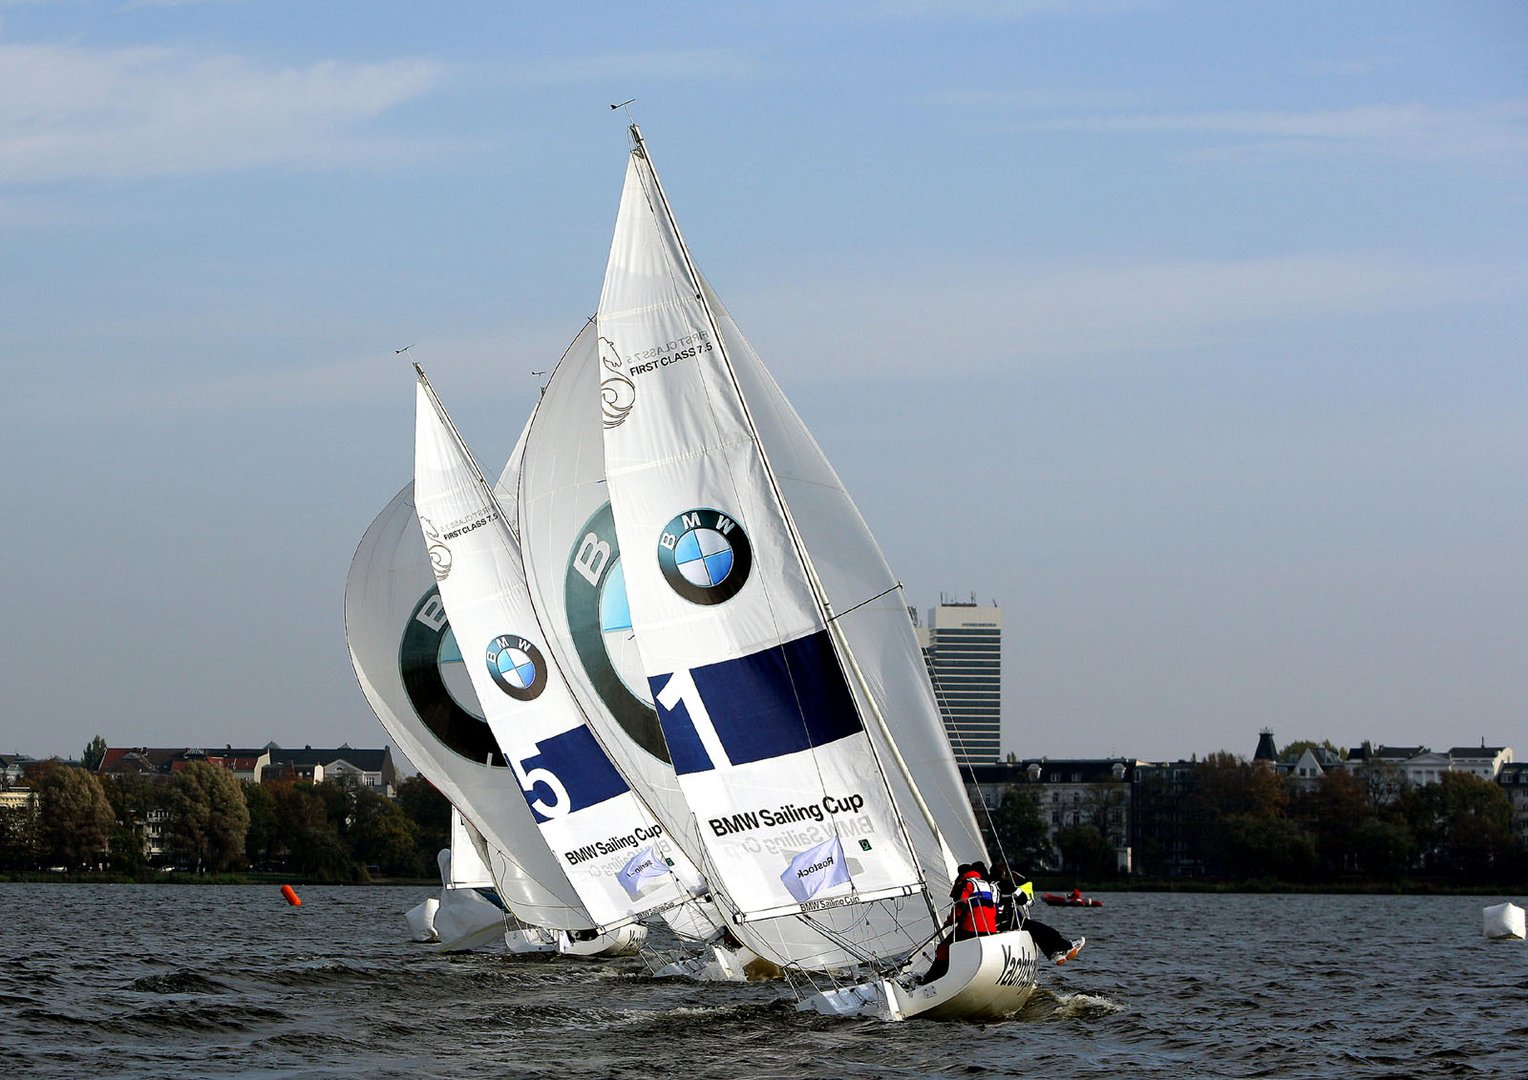 Aufnahme vom Sailing Cup 2007 in Hamburg